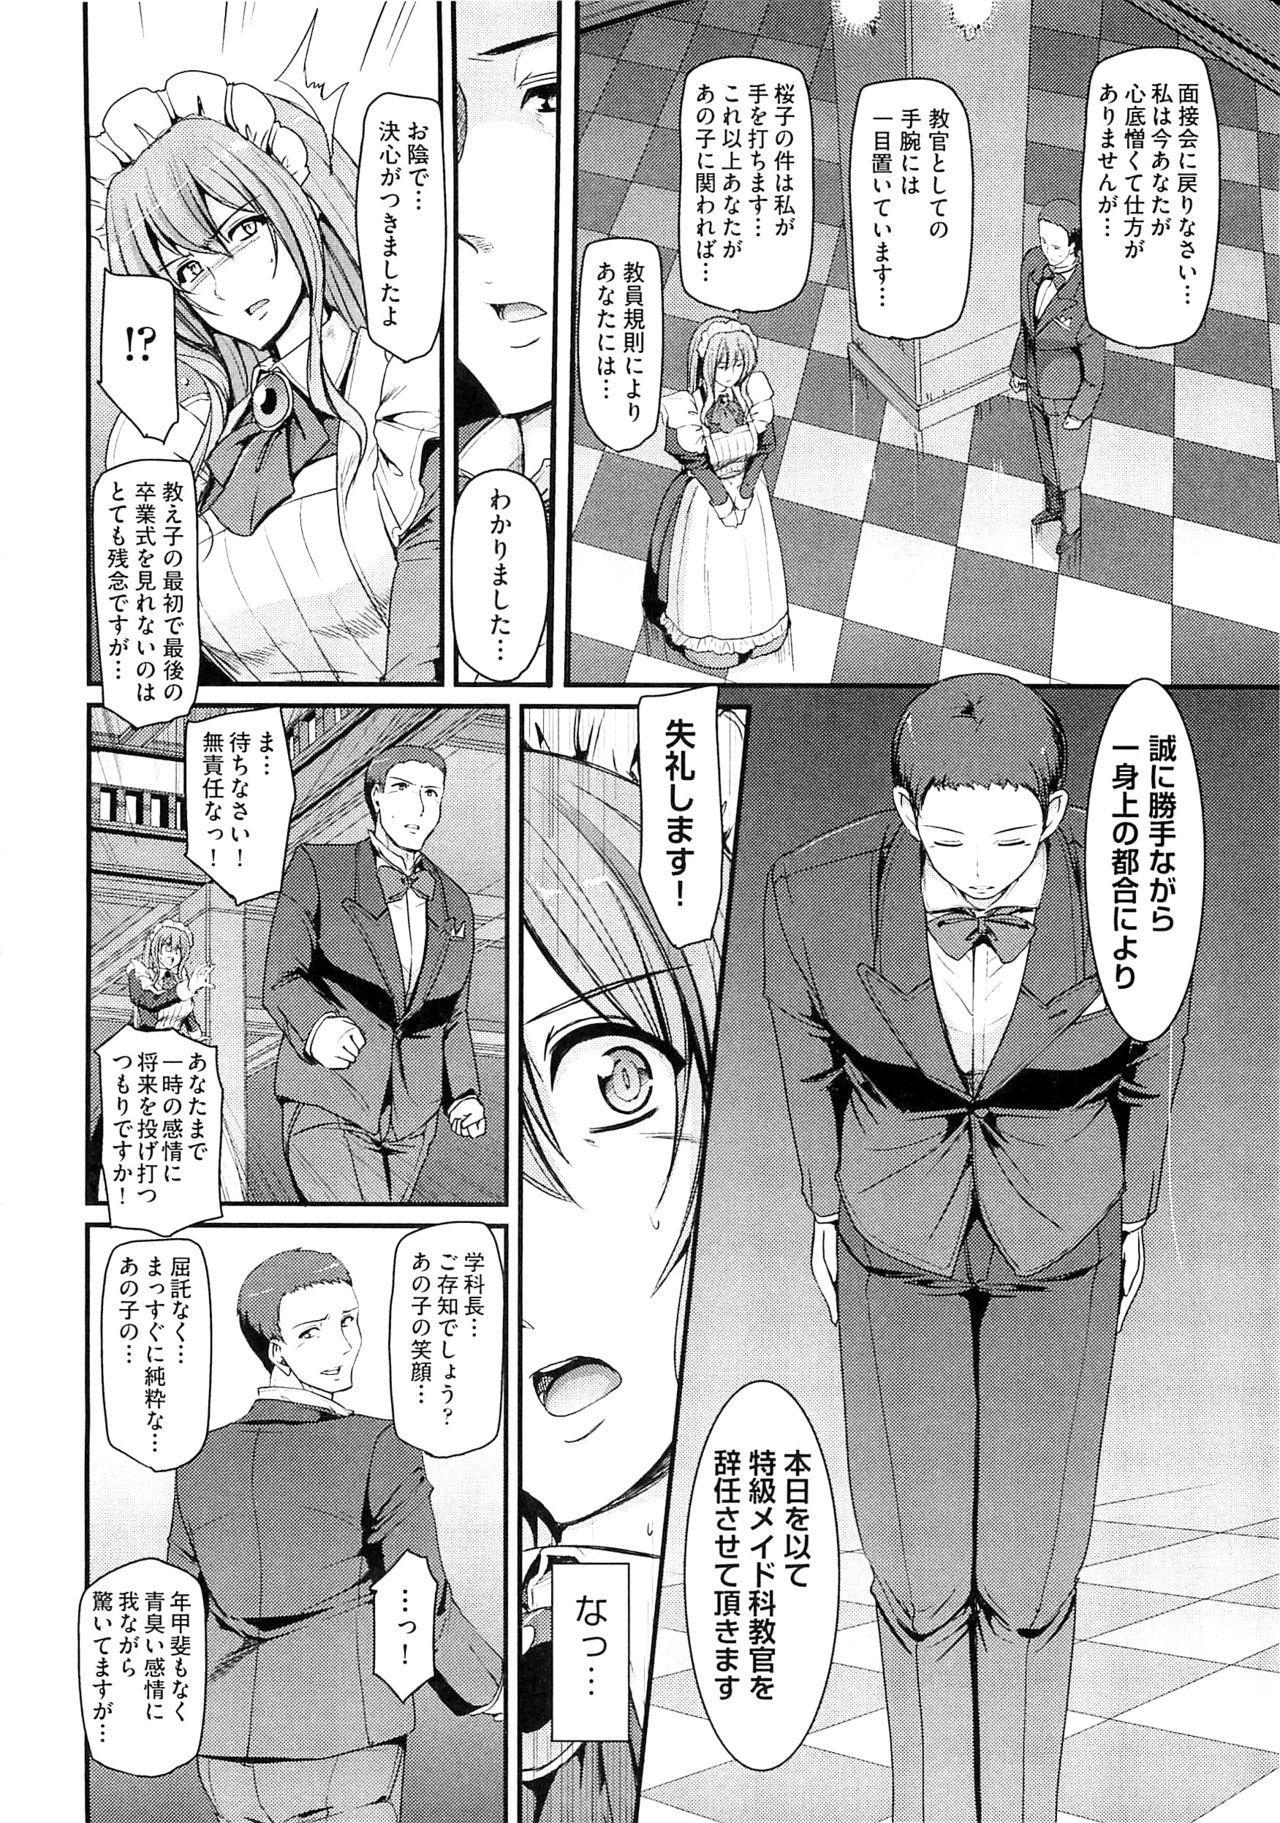 Maid Gakuen e Youkoso!! - Welcome to Maid Academy 141